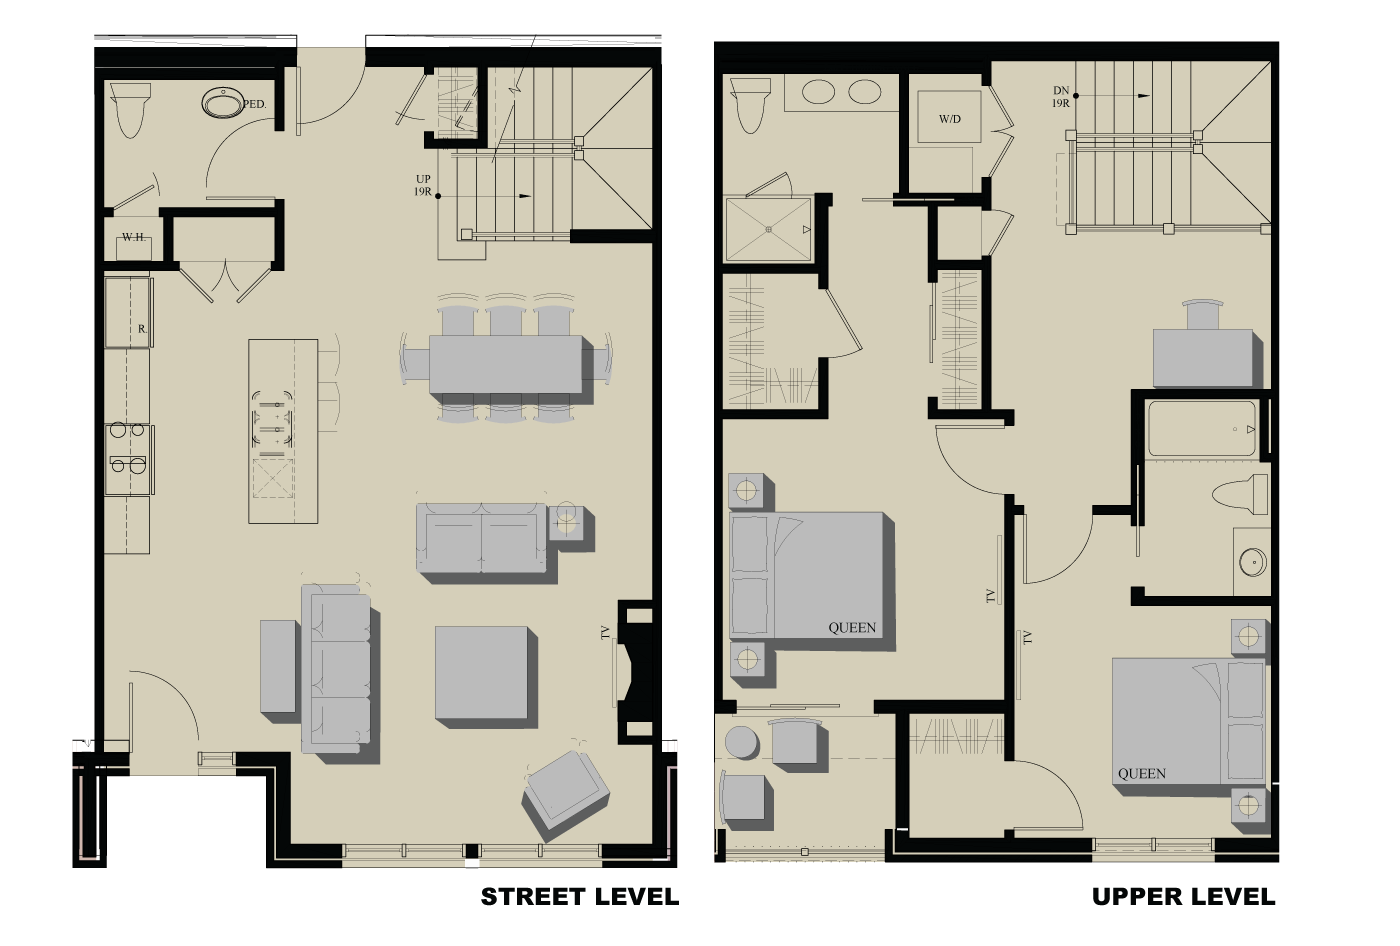 unit 104 condominium